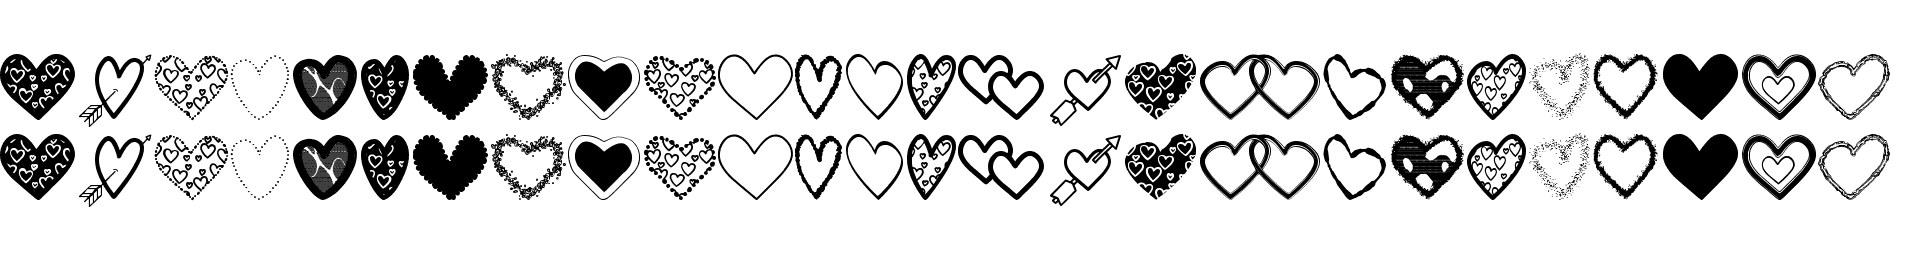 Hearts Shapes Tfb